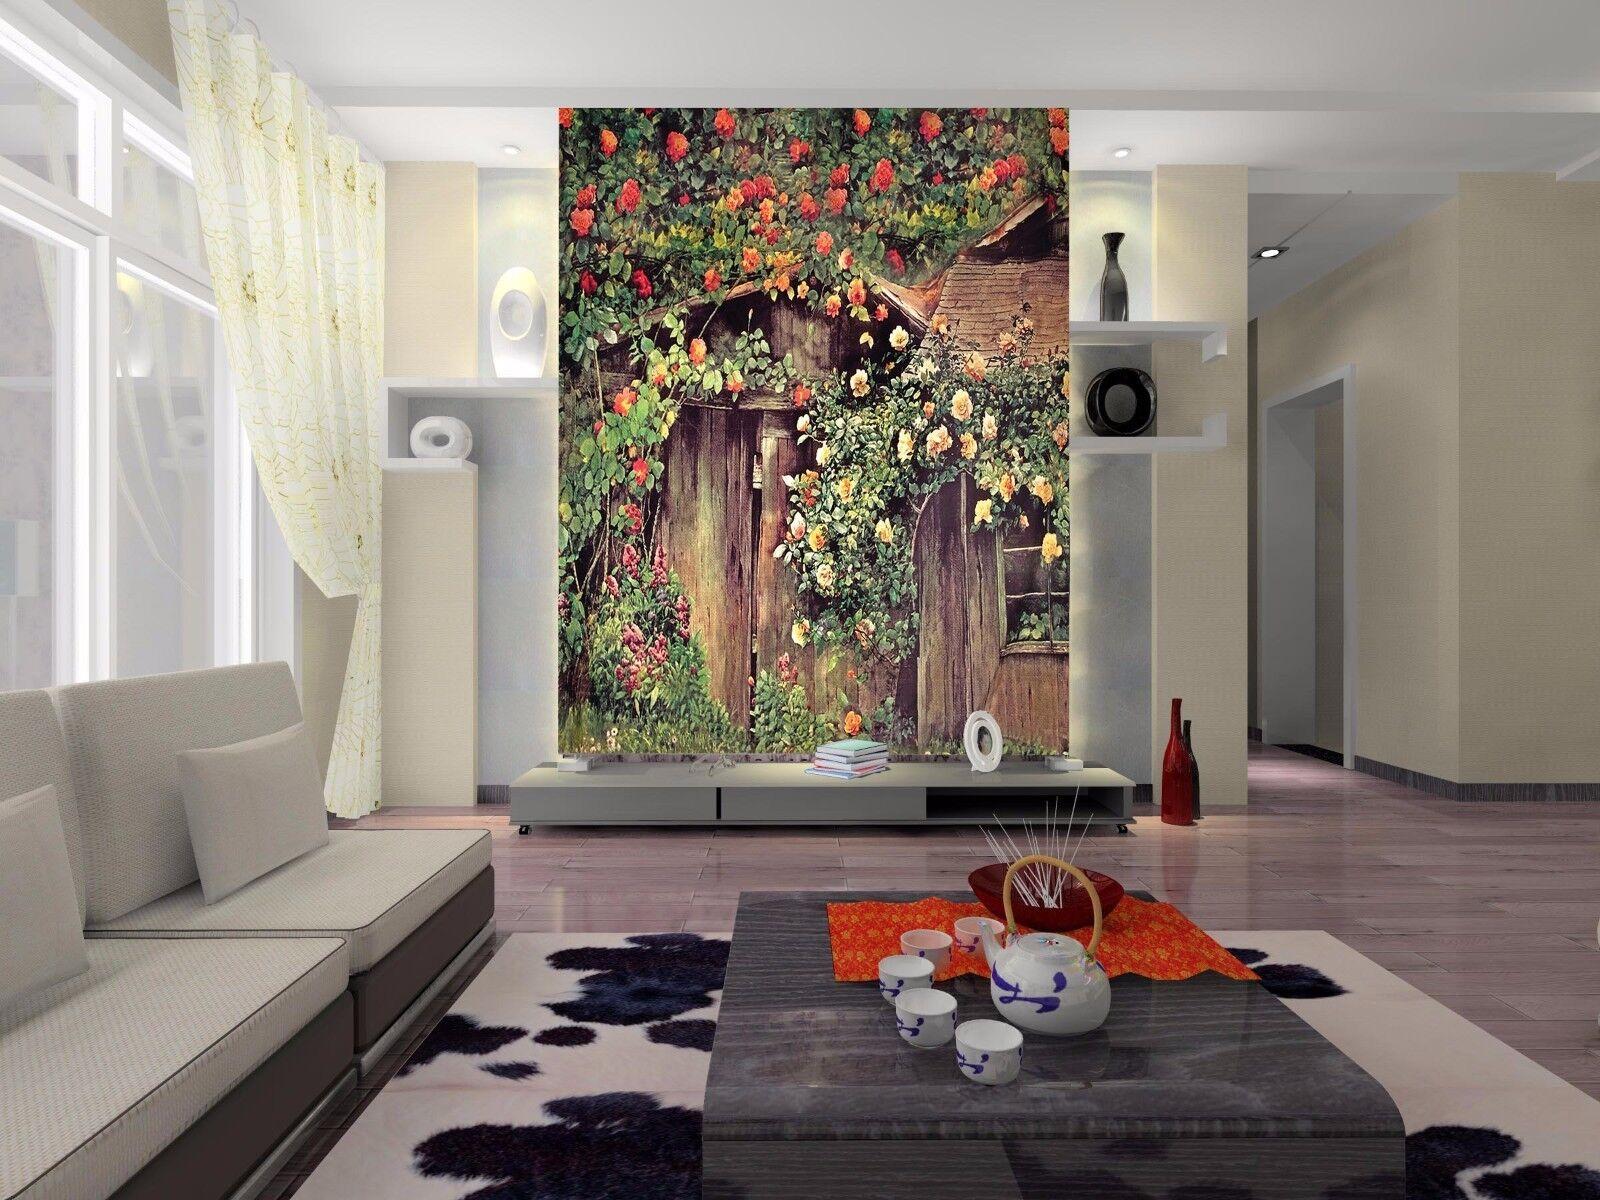 3D Chalet Rosan Rebe 88 Tapete Wandgemälde Tapete Tapeten Bild Familie DE Summer | Optimaler Preis  | Beliebte Empfehlung  | Lebhaft und liebenswert